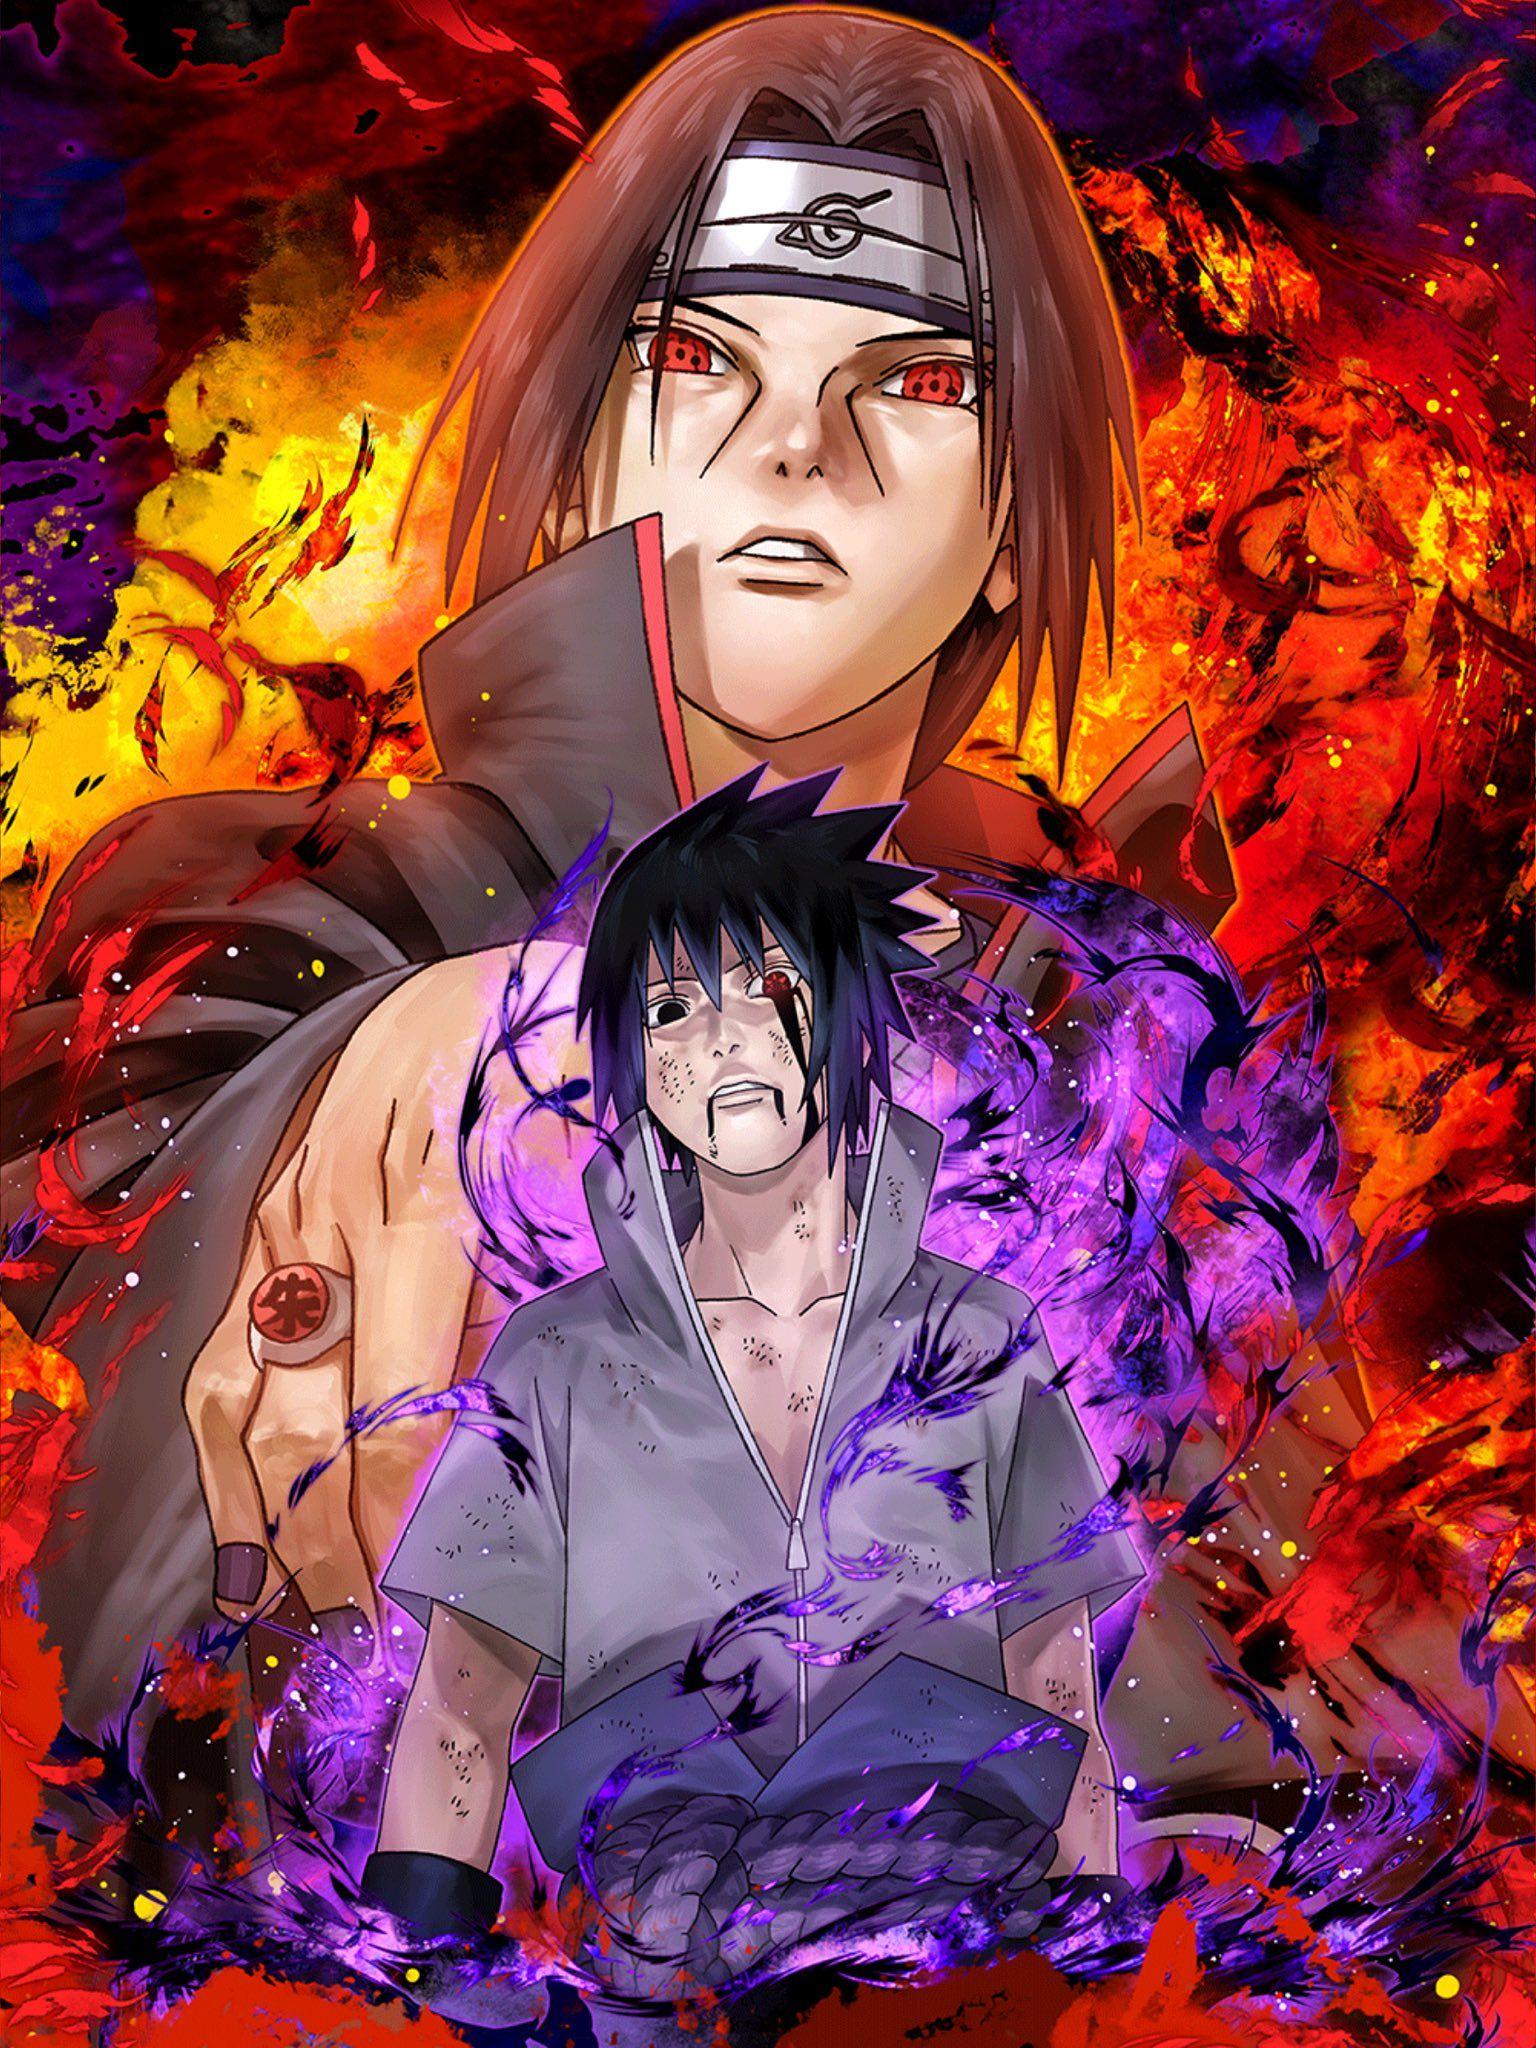 Marc Rodney Malana On Twitter Itachi Uchiha Art Sasuke And Itachi Naruto And Sasuke Wallpaper